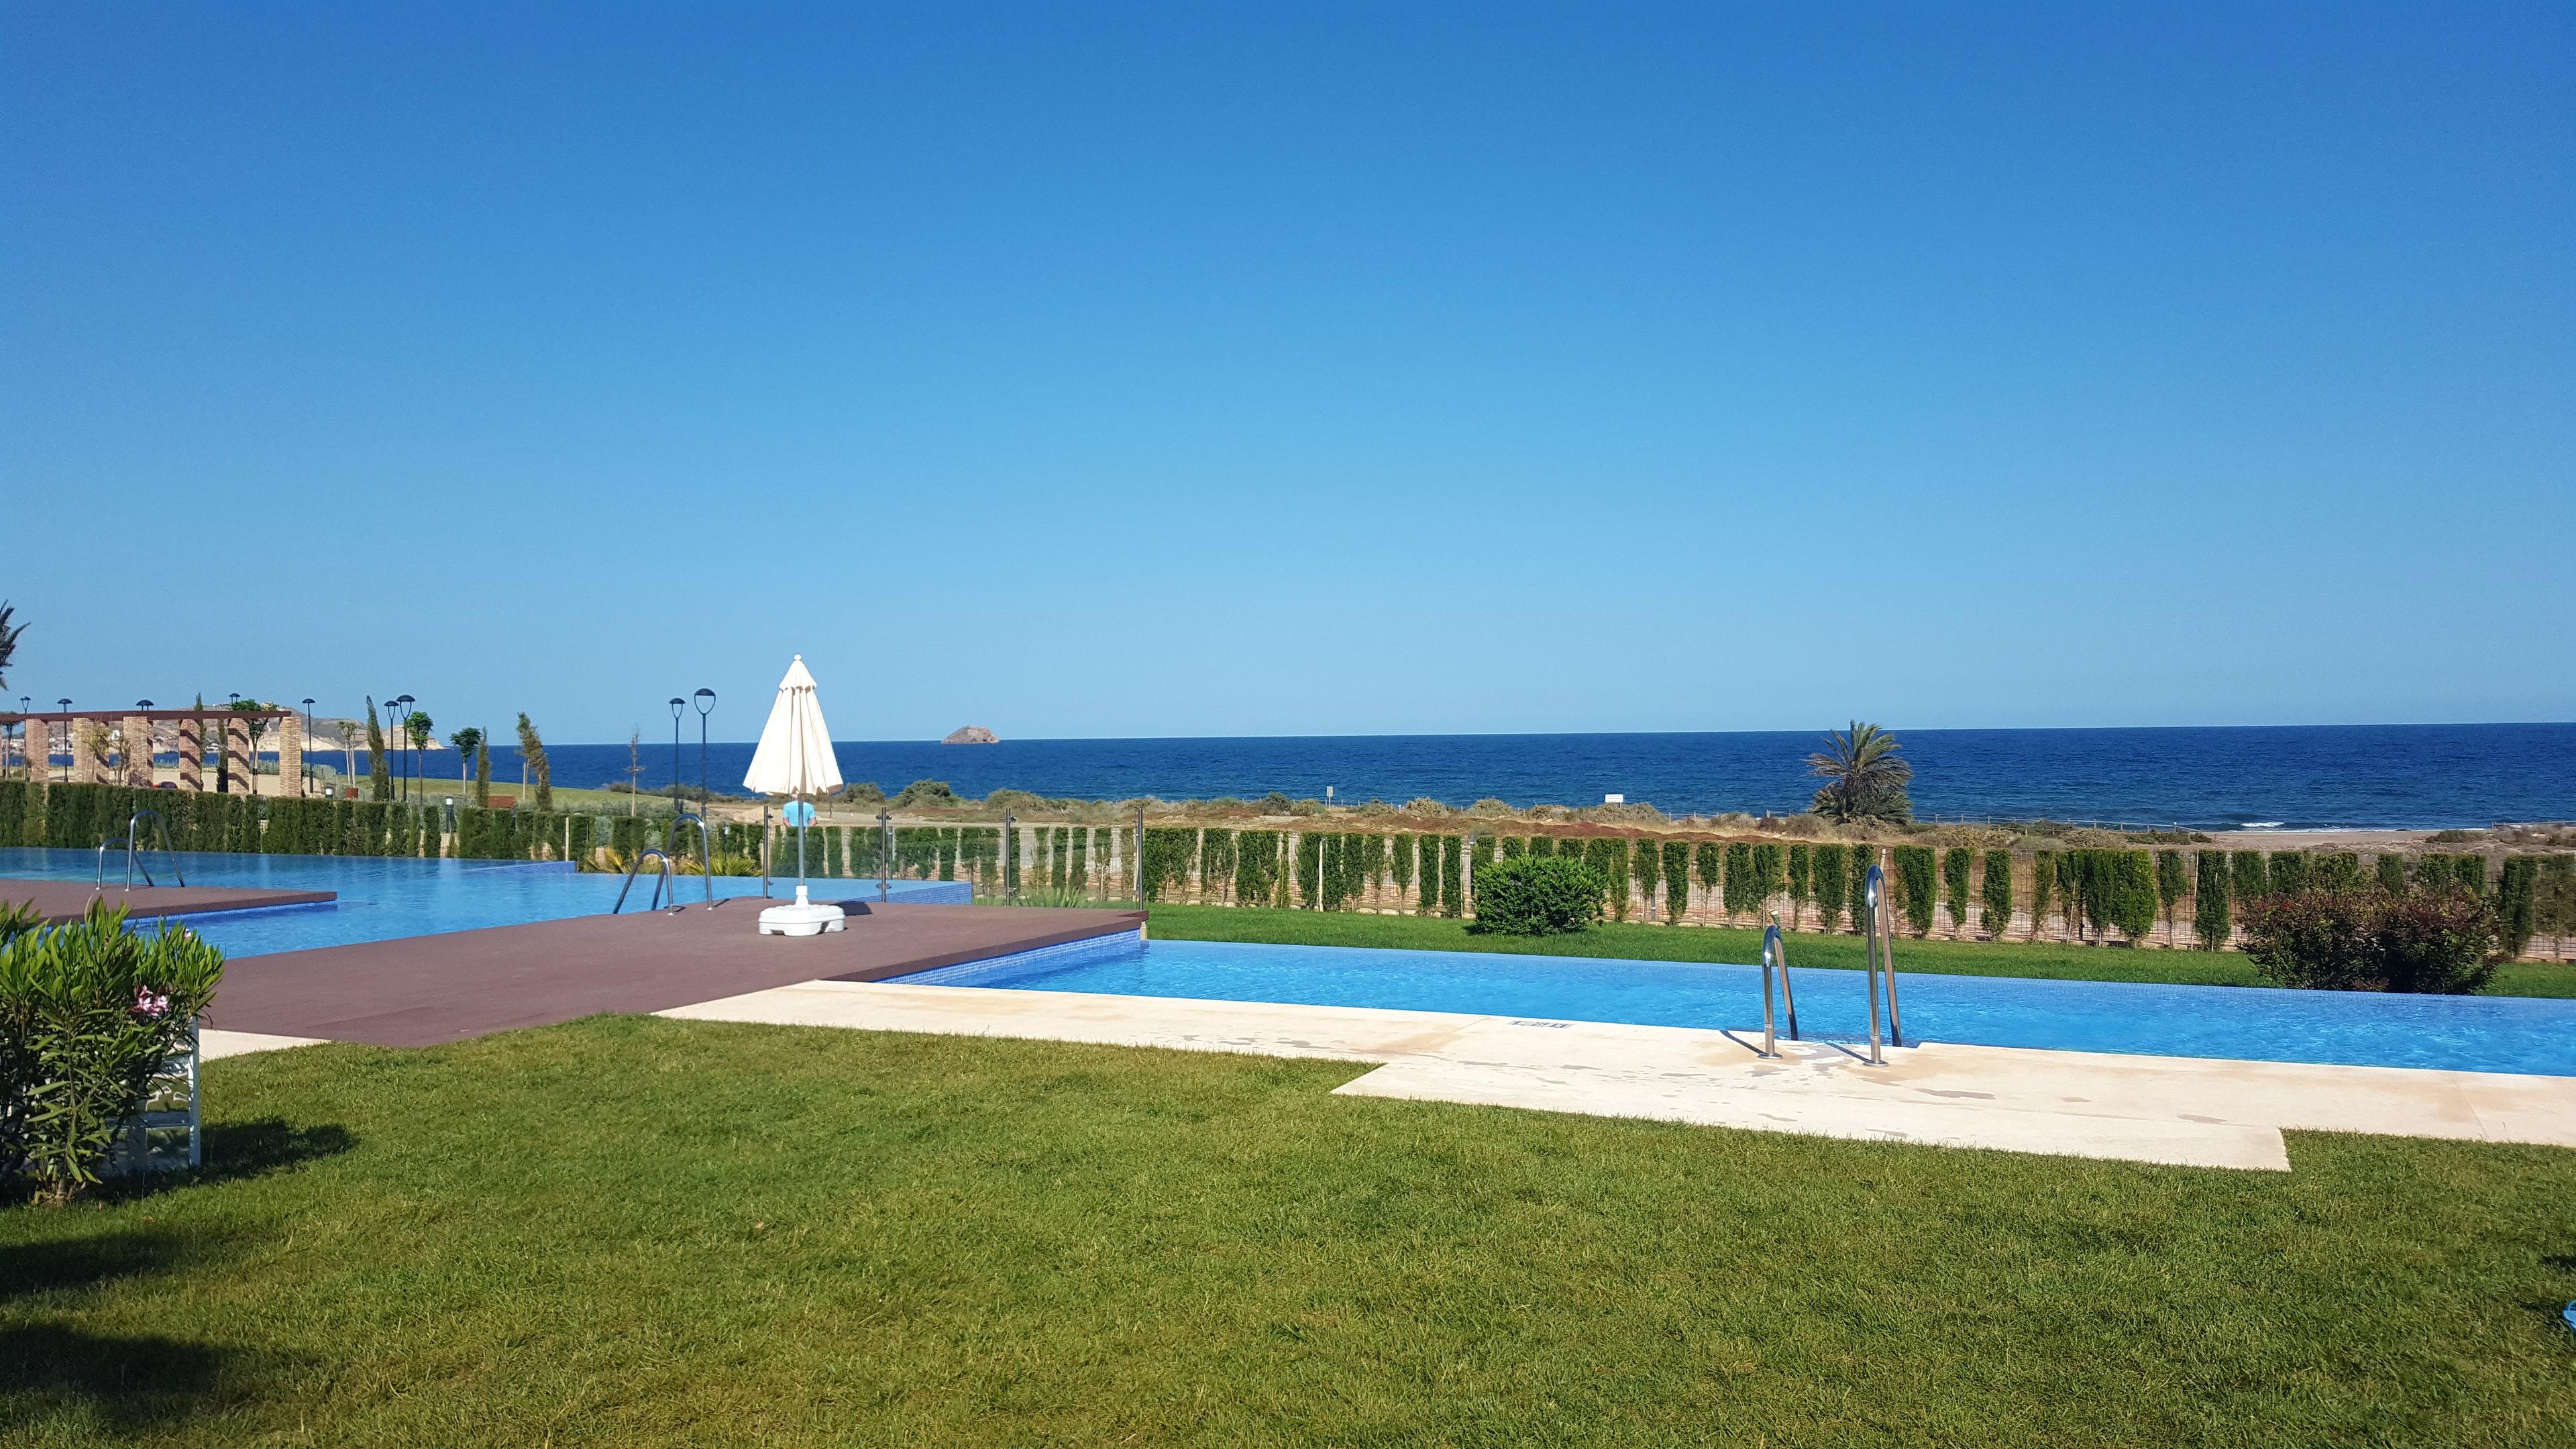 Ferienwohnung Wohnung mit 2 Schlafzimmern in San Juan de los Terreros mit herrlichem Meerblick, Pool, ei (2372661), San Juan de los Terreros, Costa de Almeria, Andalusien, Spanien, Bild 22